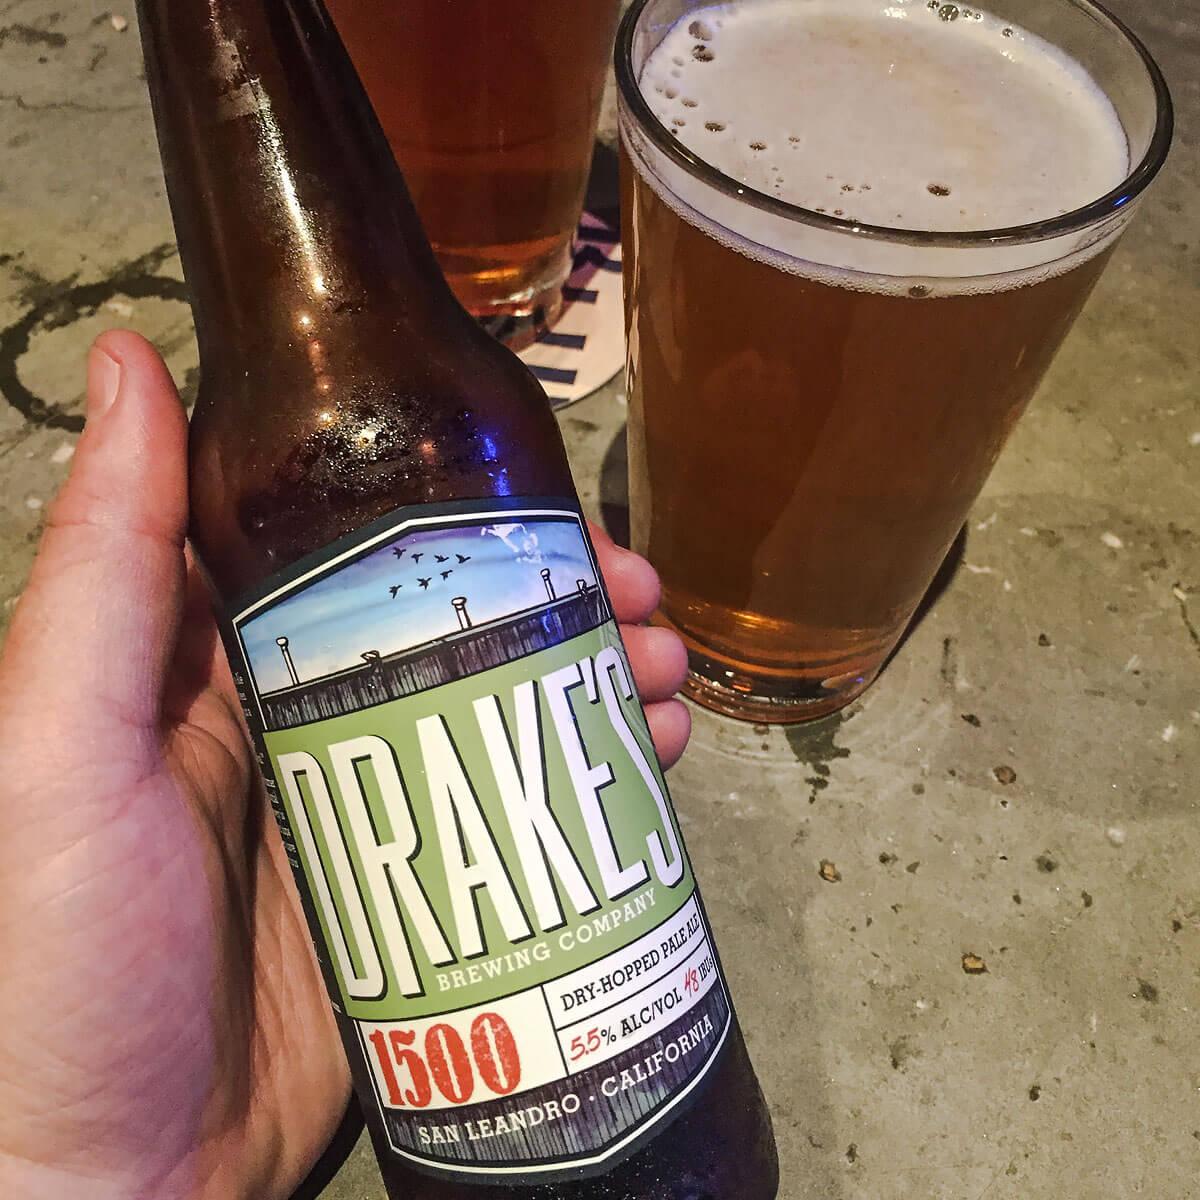 Drake's 1500 Pale Ale, an American Pale Ale by Drake's Brewing Co.